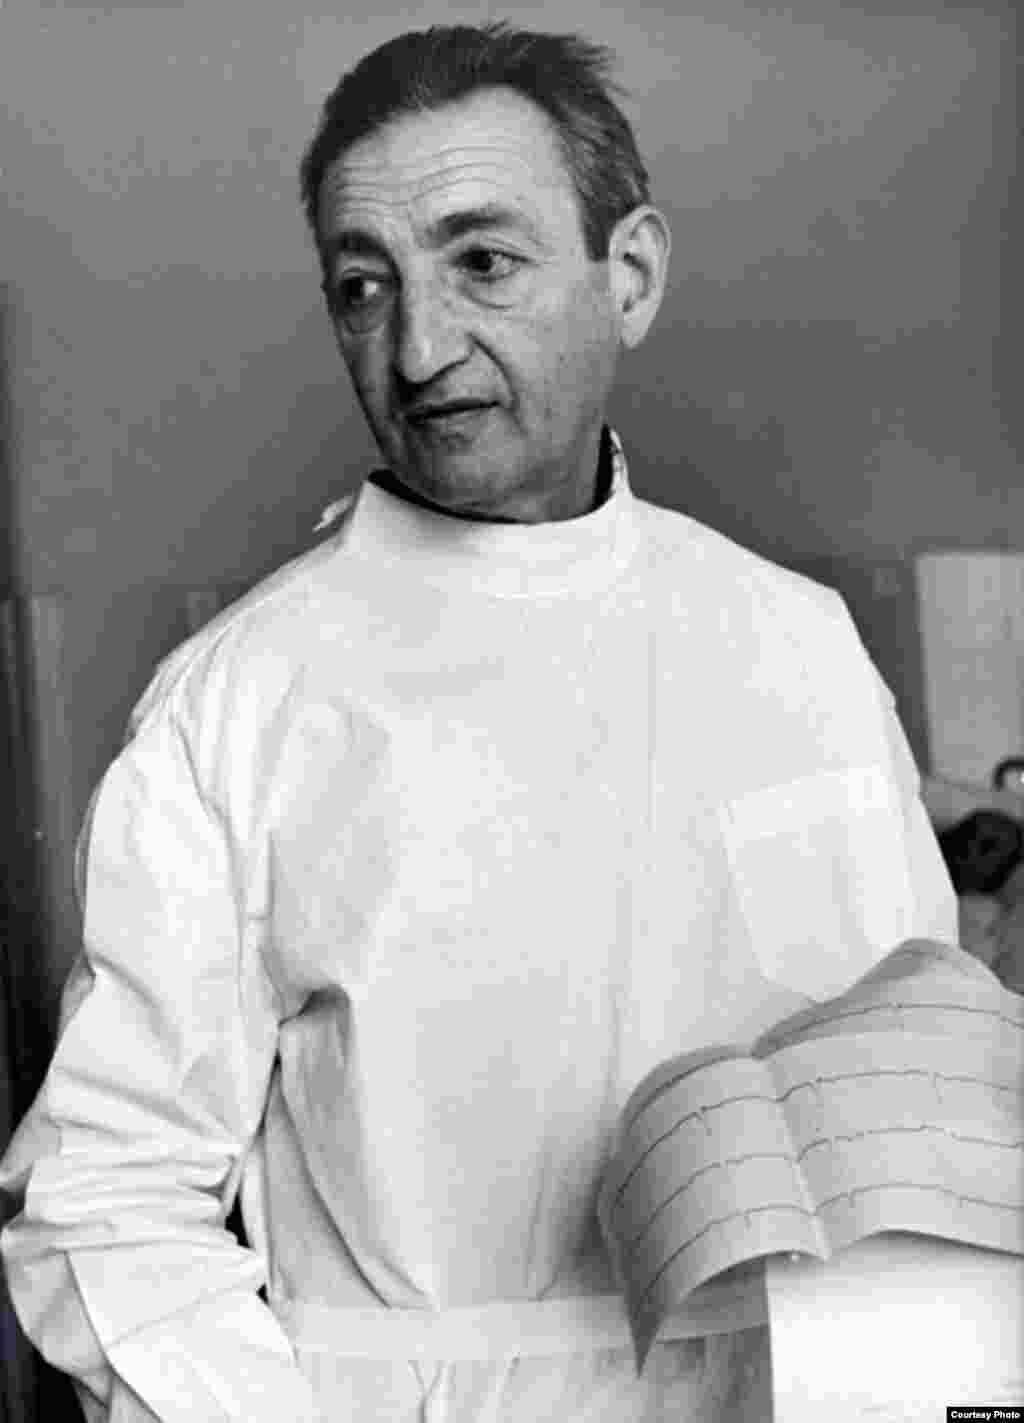 Доктор Марек Эдельман, ок. 1977-78 гг.